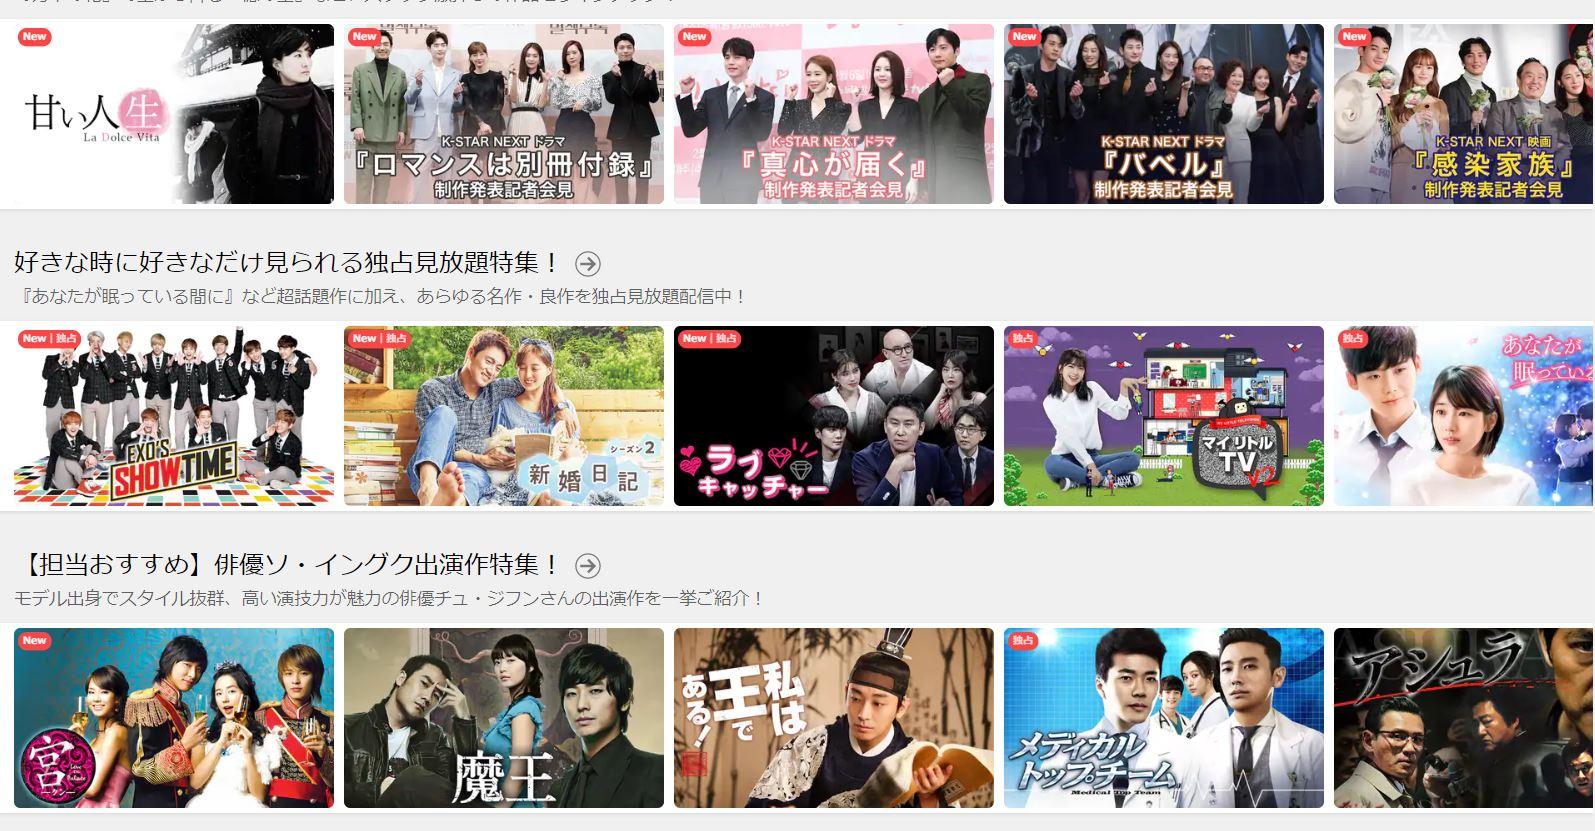 U-NEXTで視聴できる韓国動画